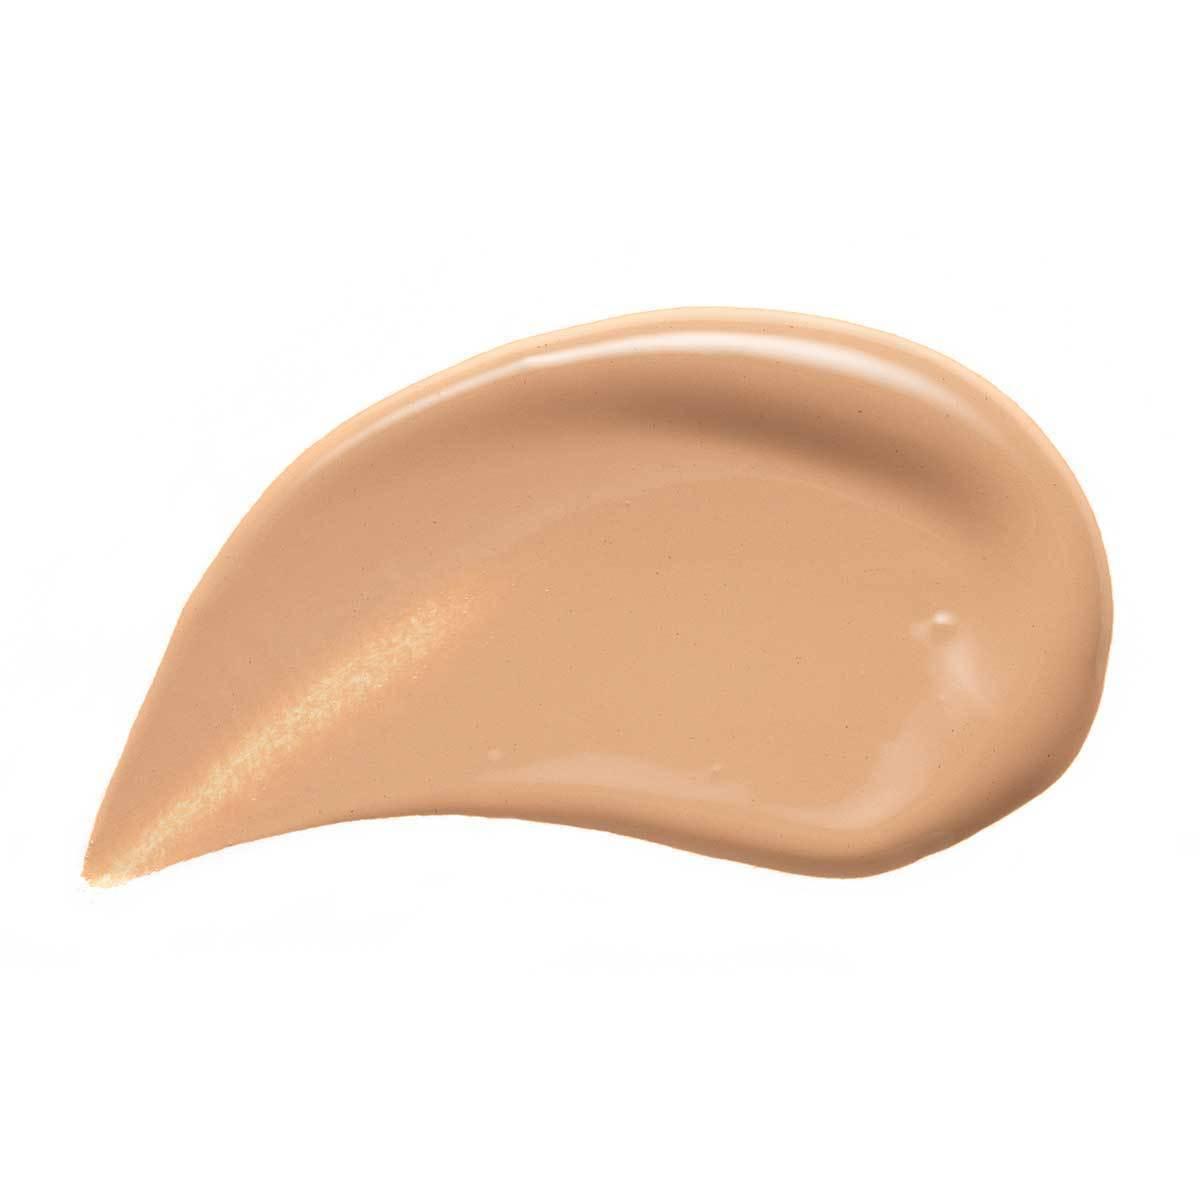 Жидкая тональная основа The Sensual Skin Fluid Foundation